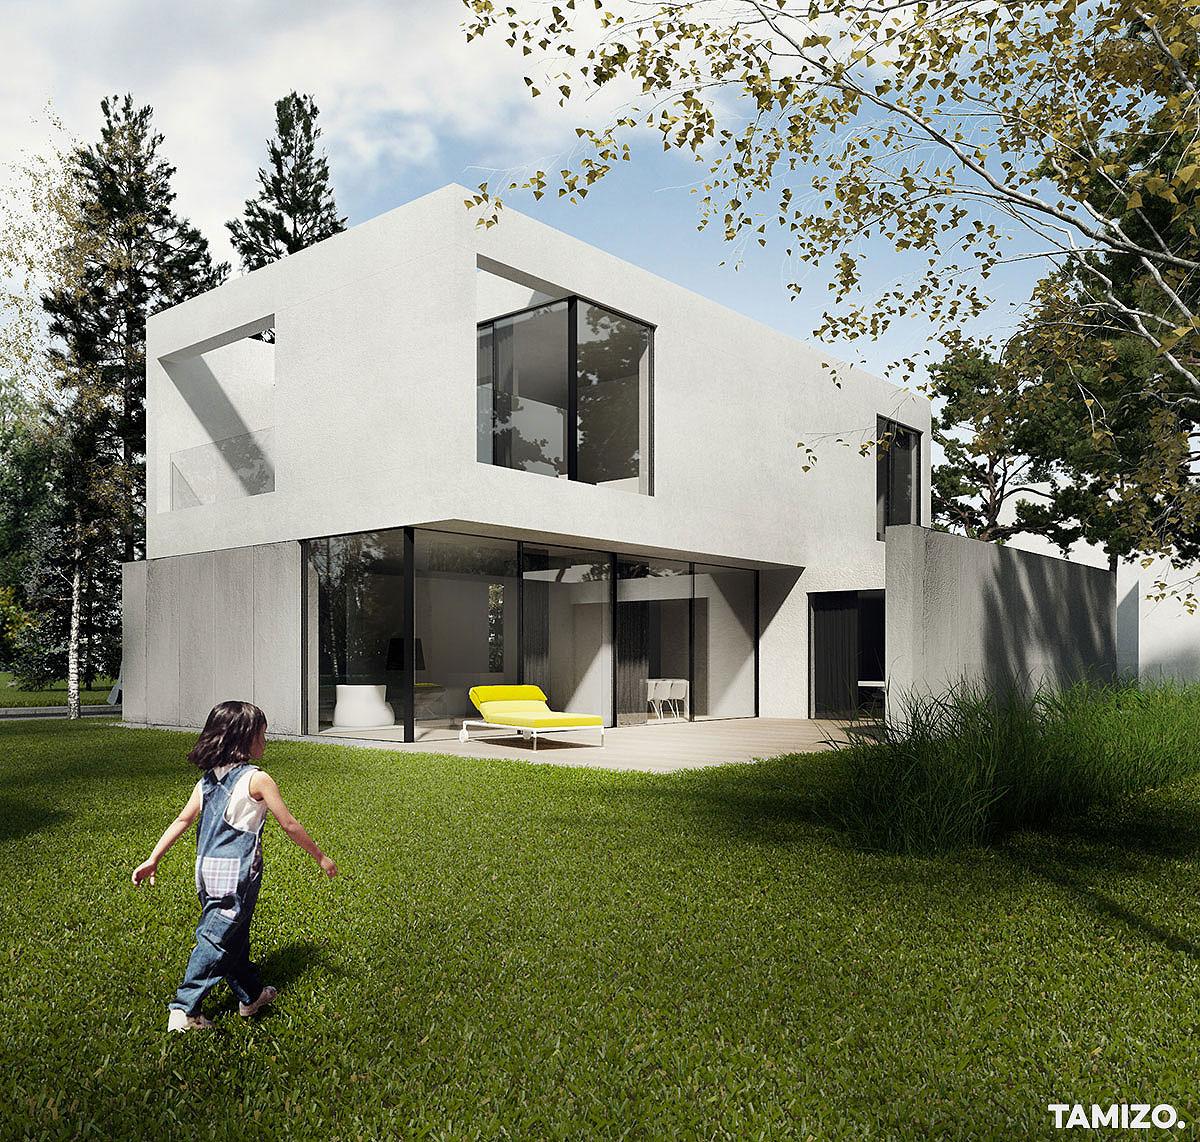 A060_tamizo_architekci_projekt_dom_jednorodzinny_warszawa_minimalizm_minimal_08